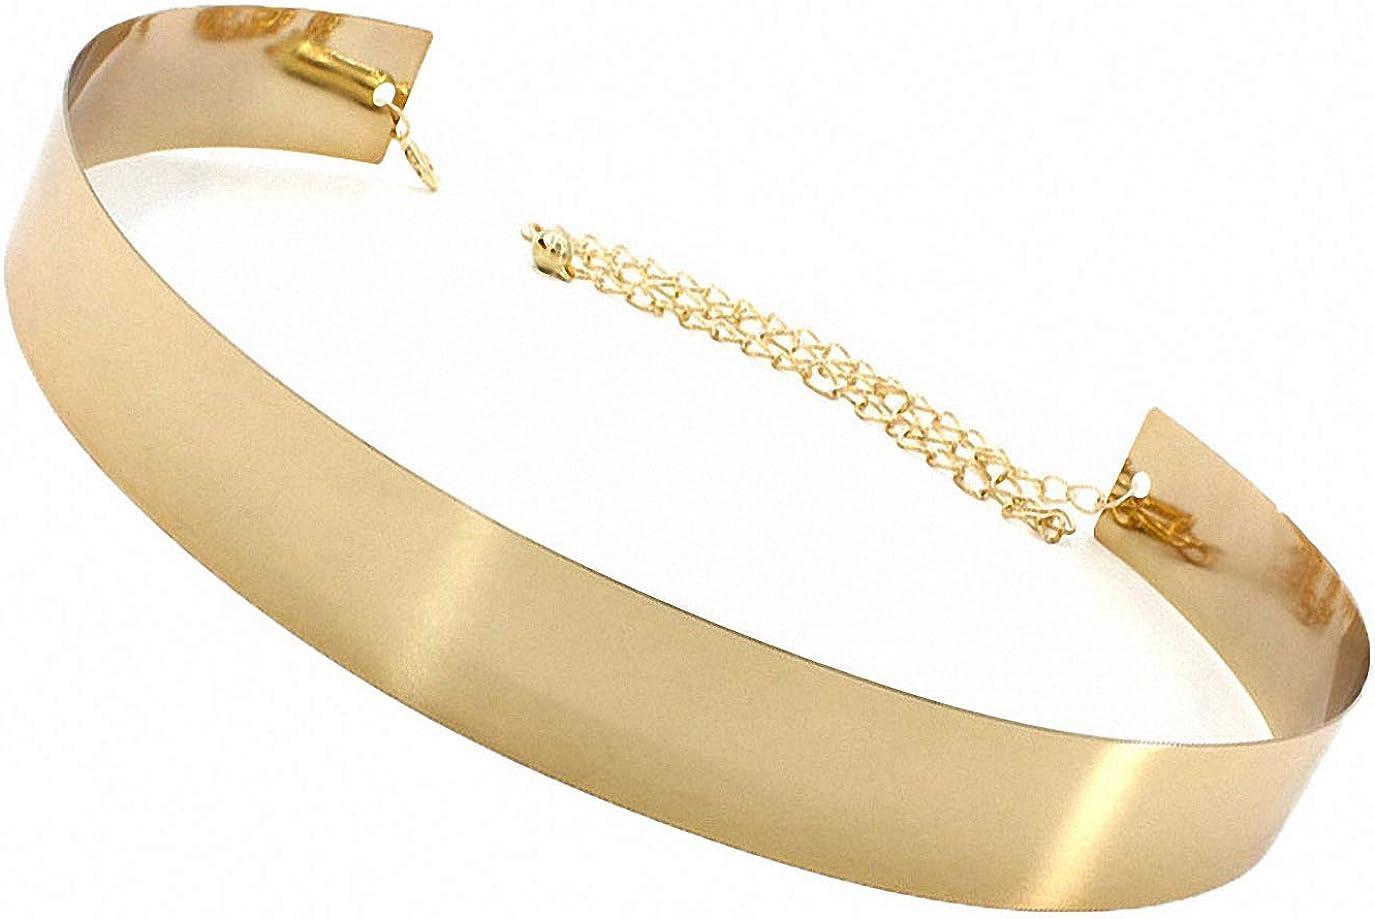 Cinturón de metal para mujer, elegante, con placa de espejo, para mujer, con diseño de cadena